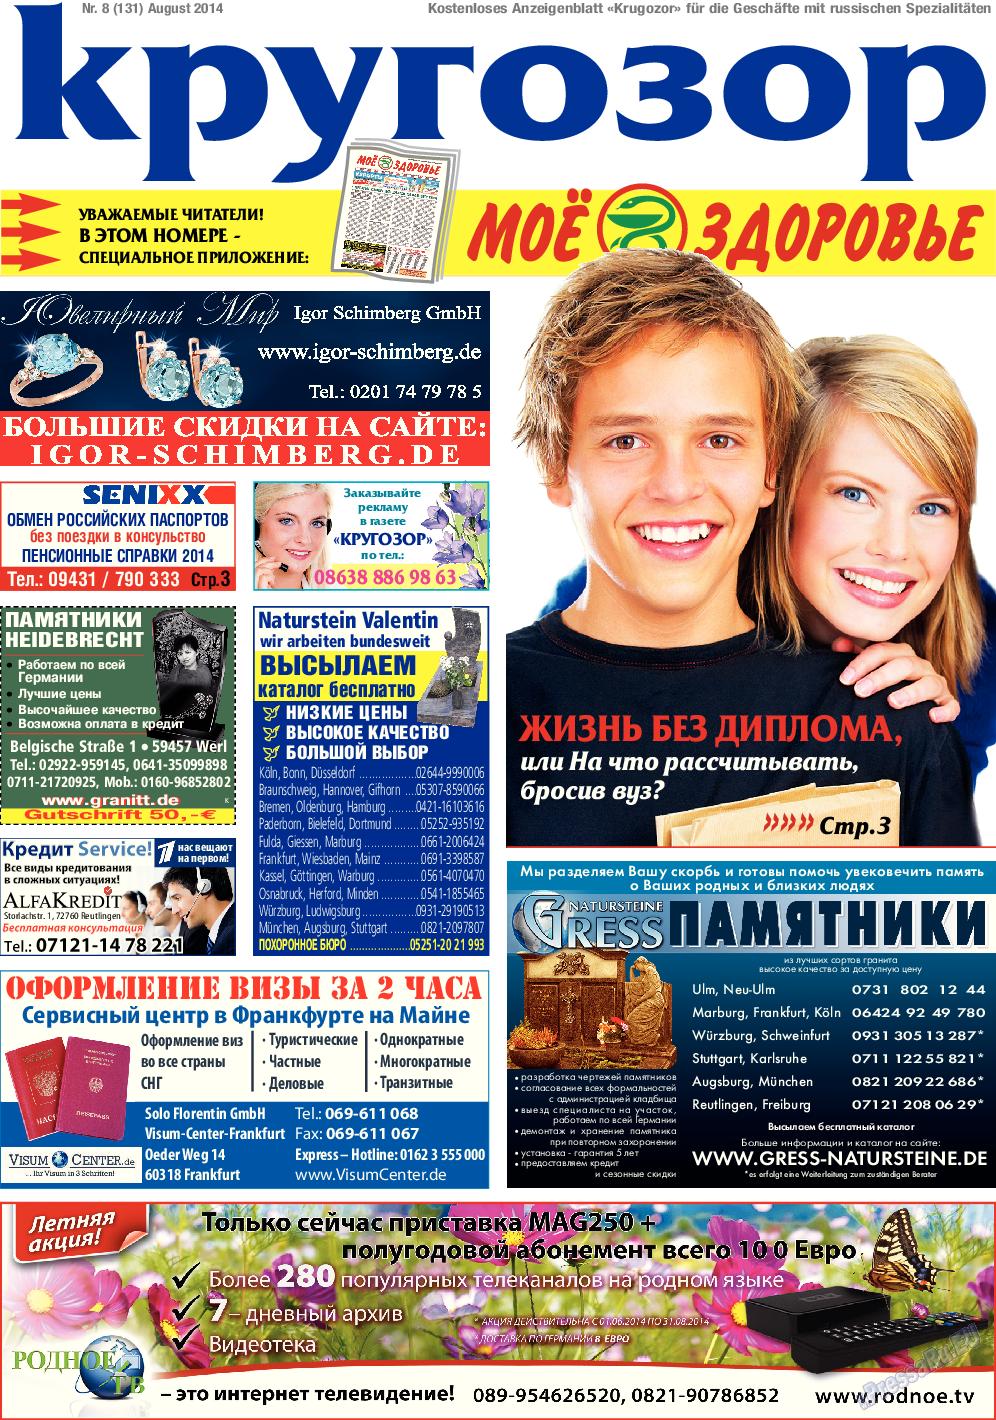 Кругозор (газета). 2014 год, номер 8, стр. 1